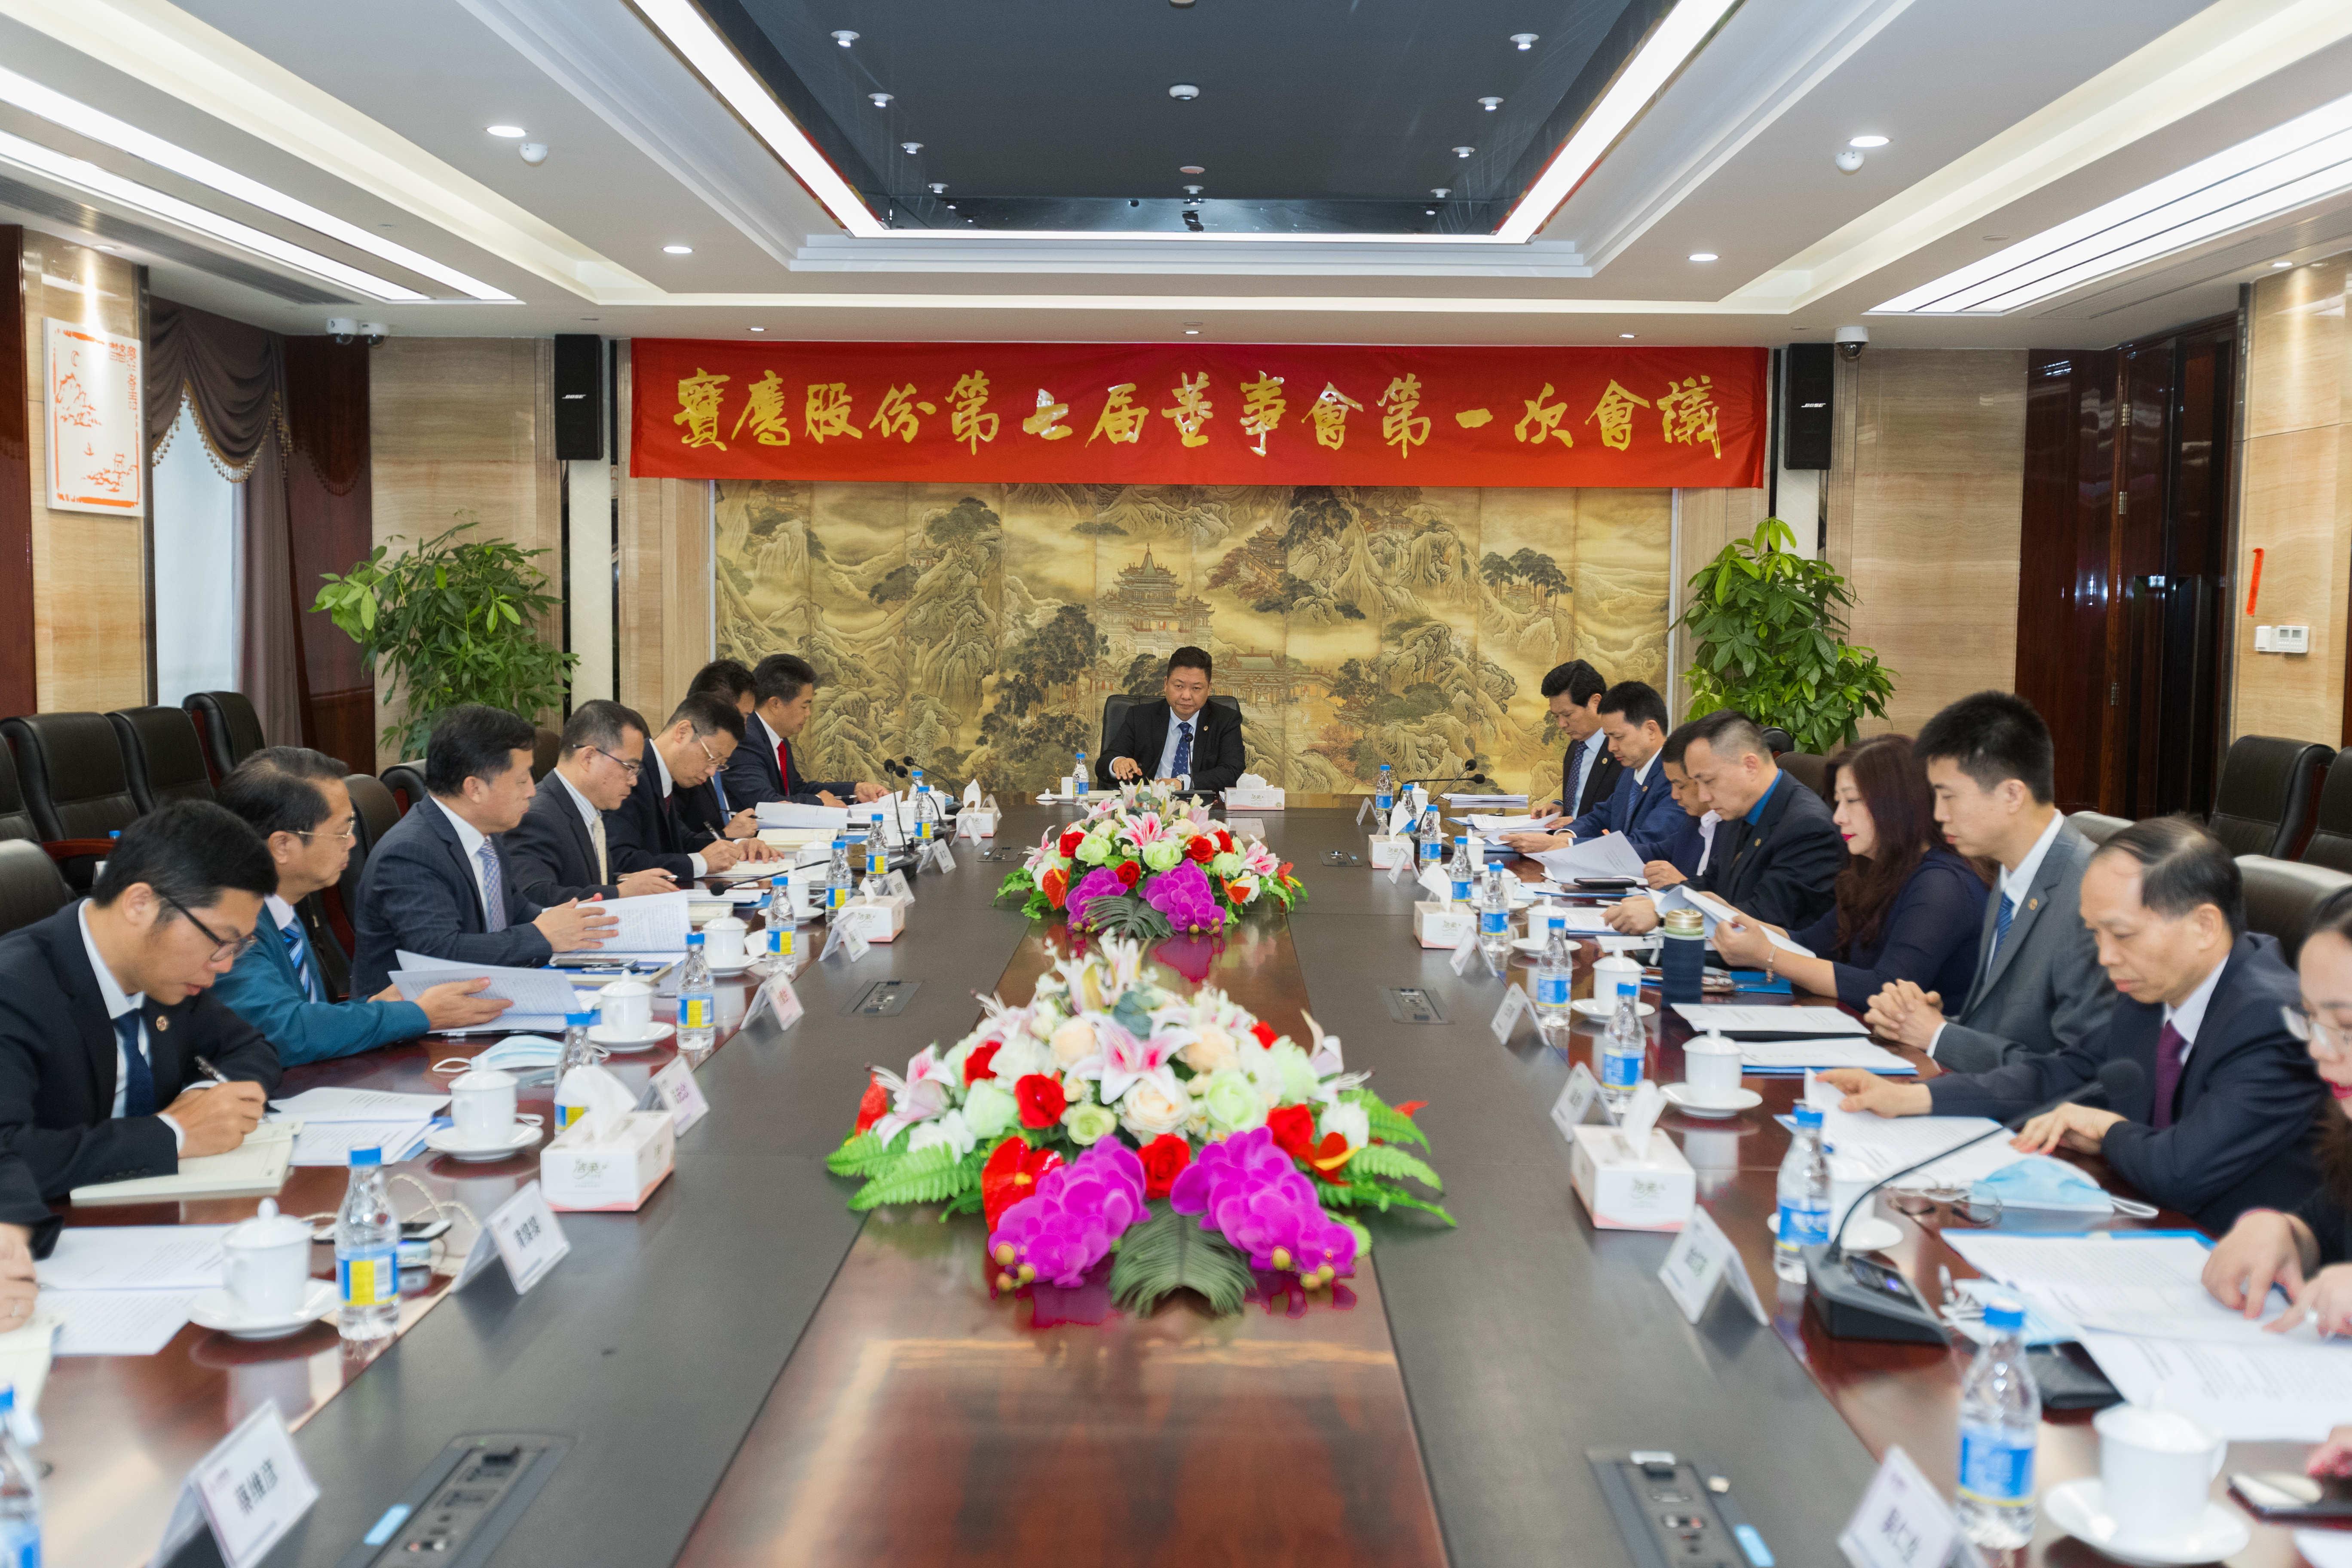 竞博体育APP股份成立新一届董监高团队 李文基担任第七届董事会董事长